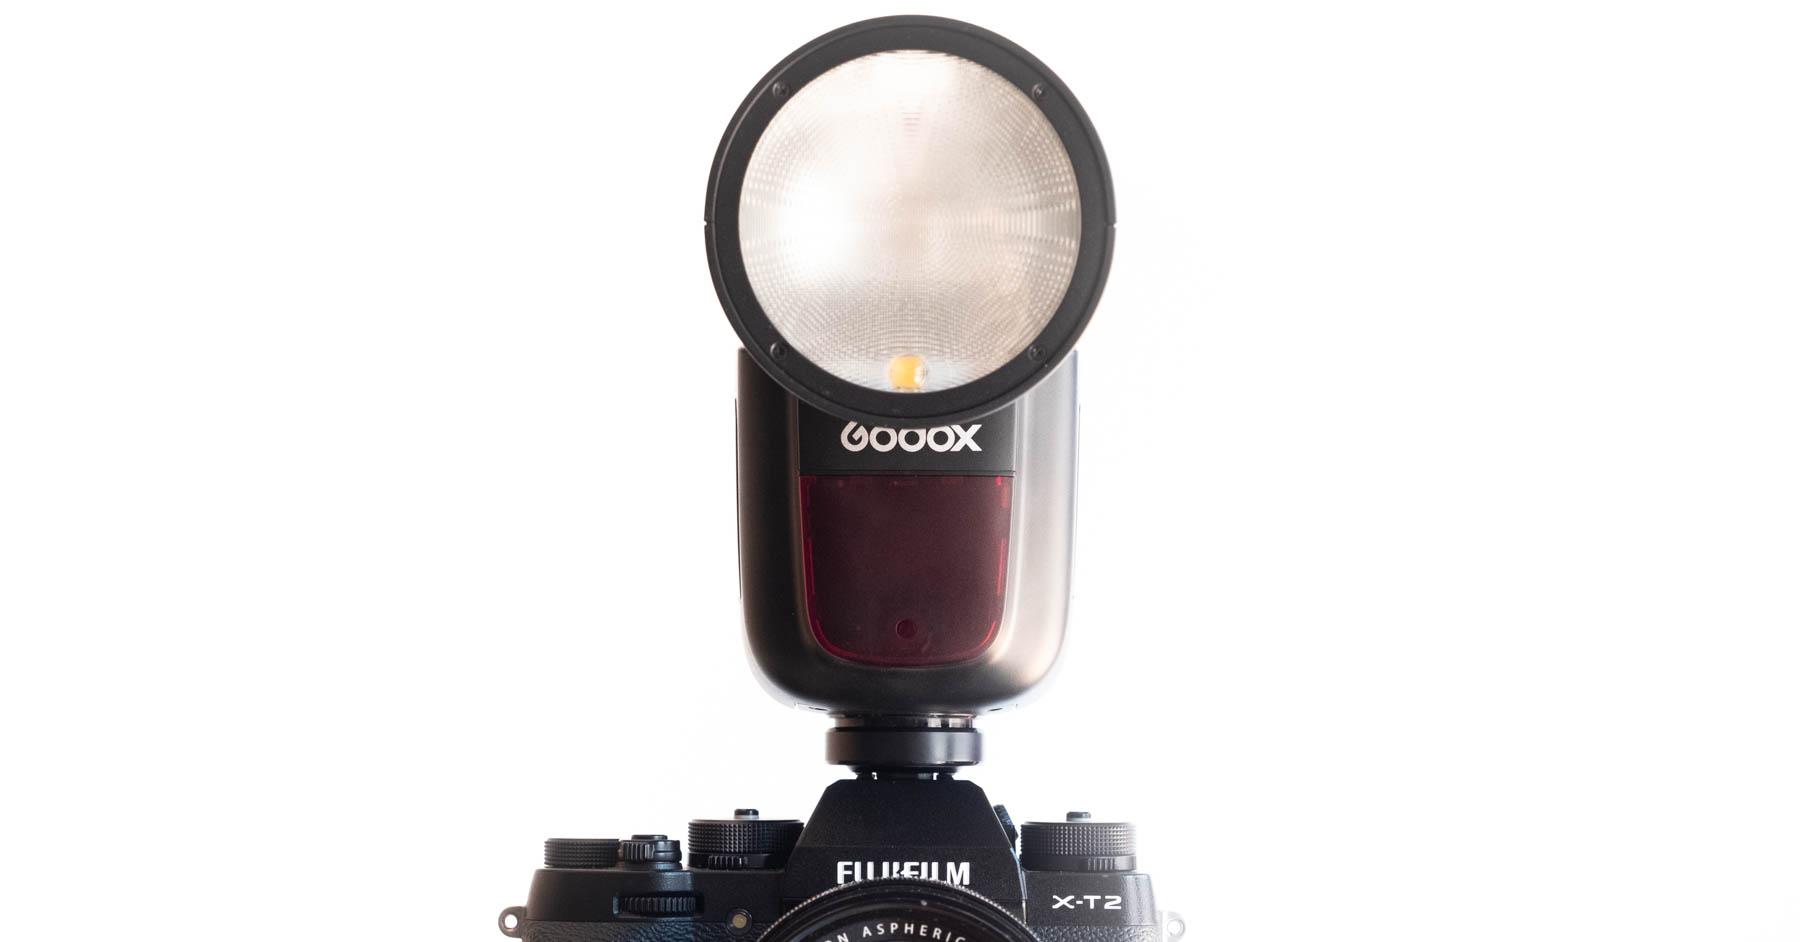 Probando el Godox V1… ¿el mejor flash de cámara?